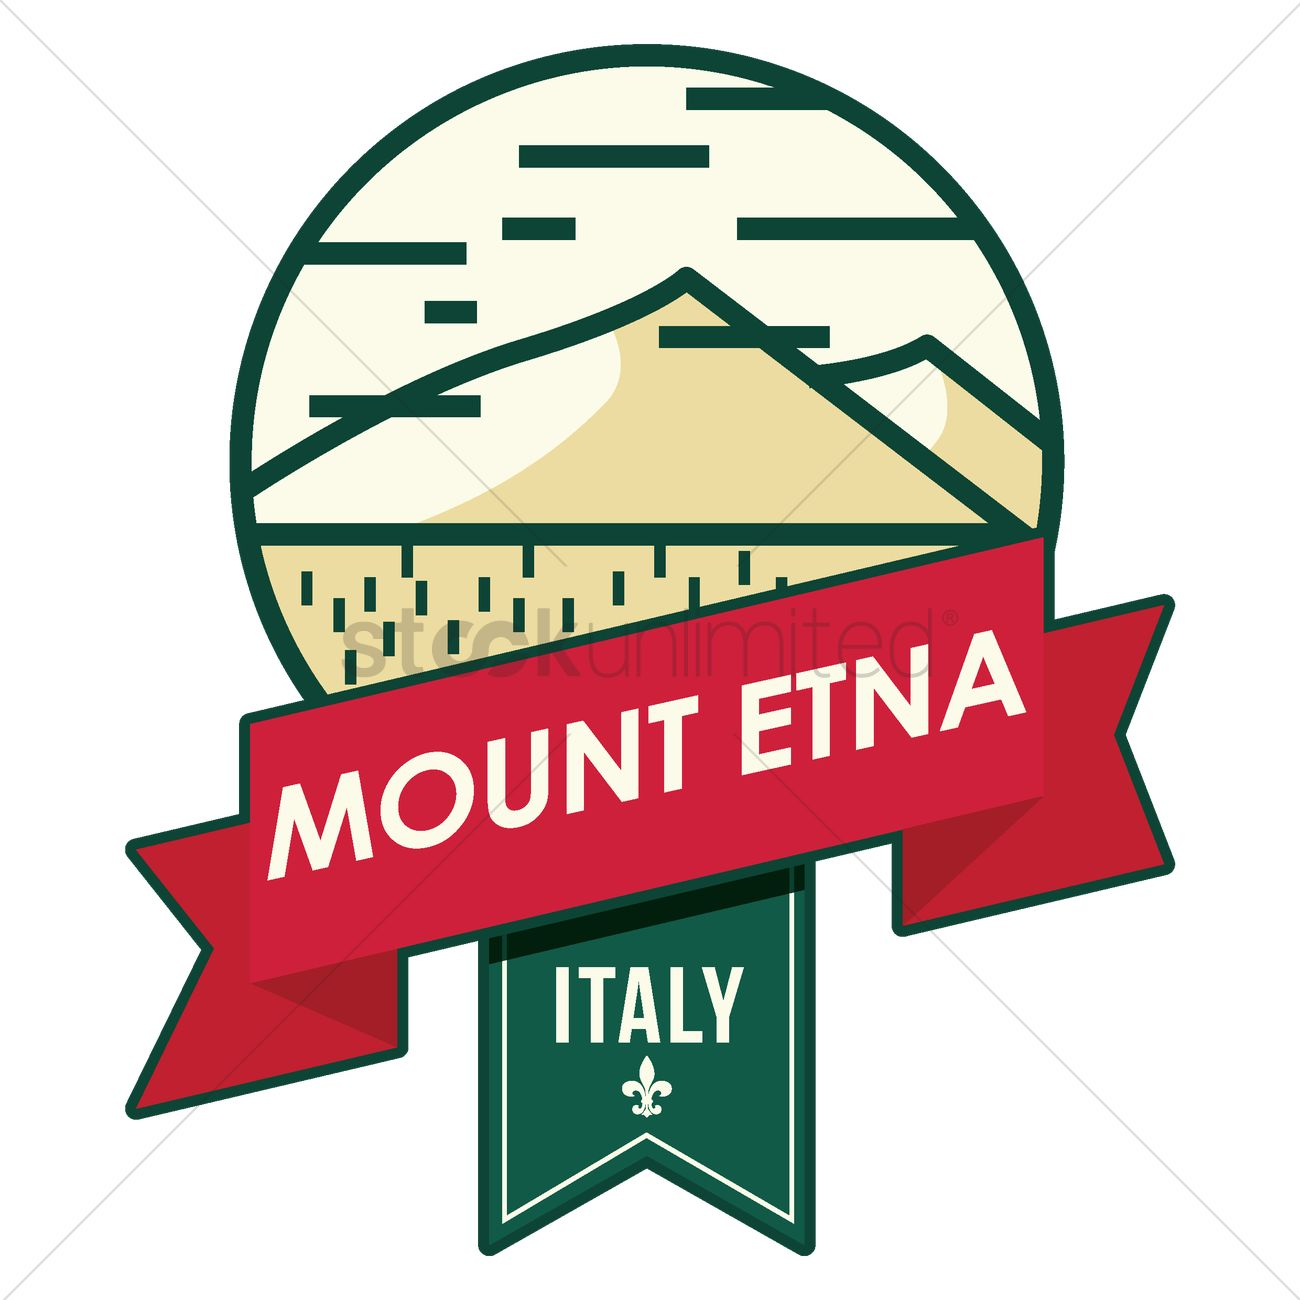 Mount etna Vector Image.